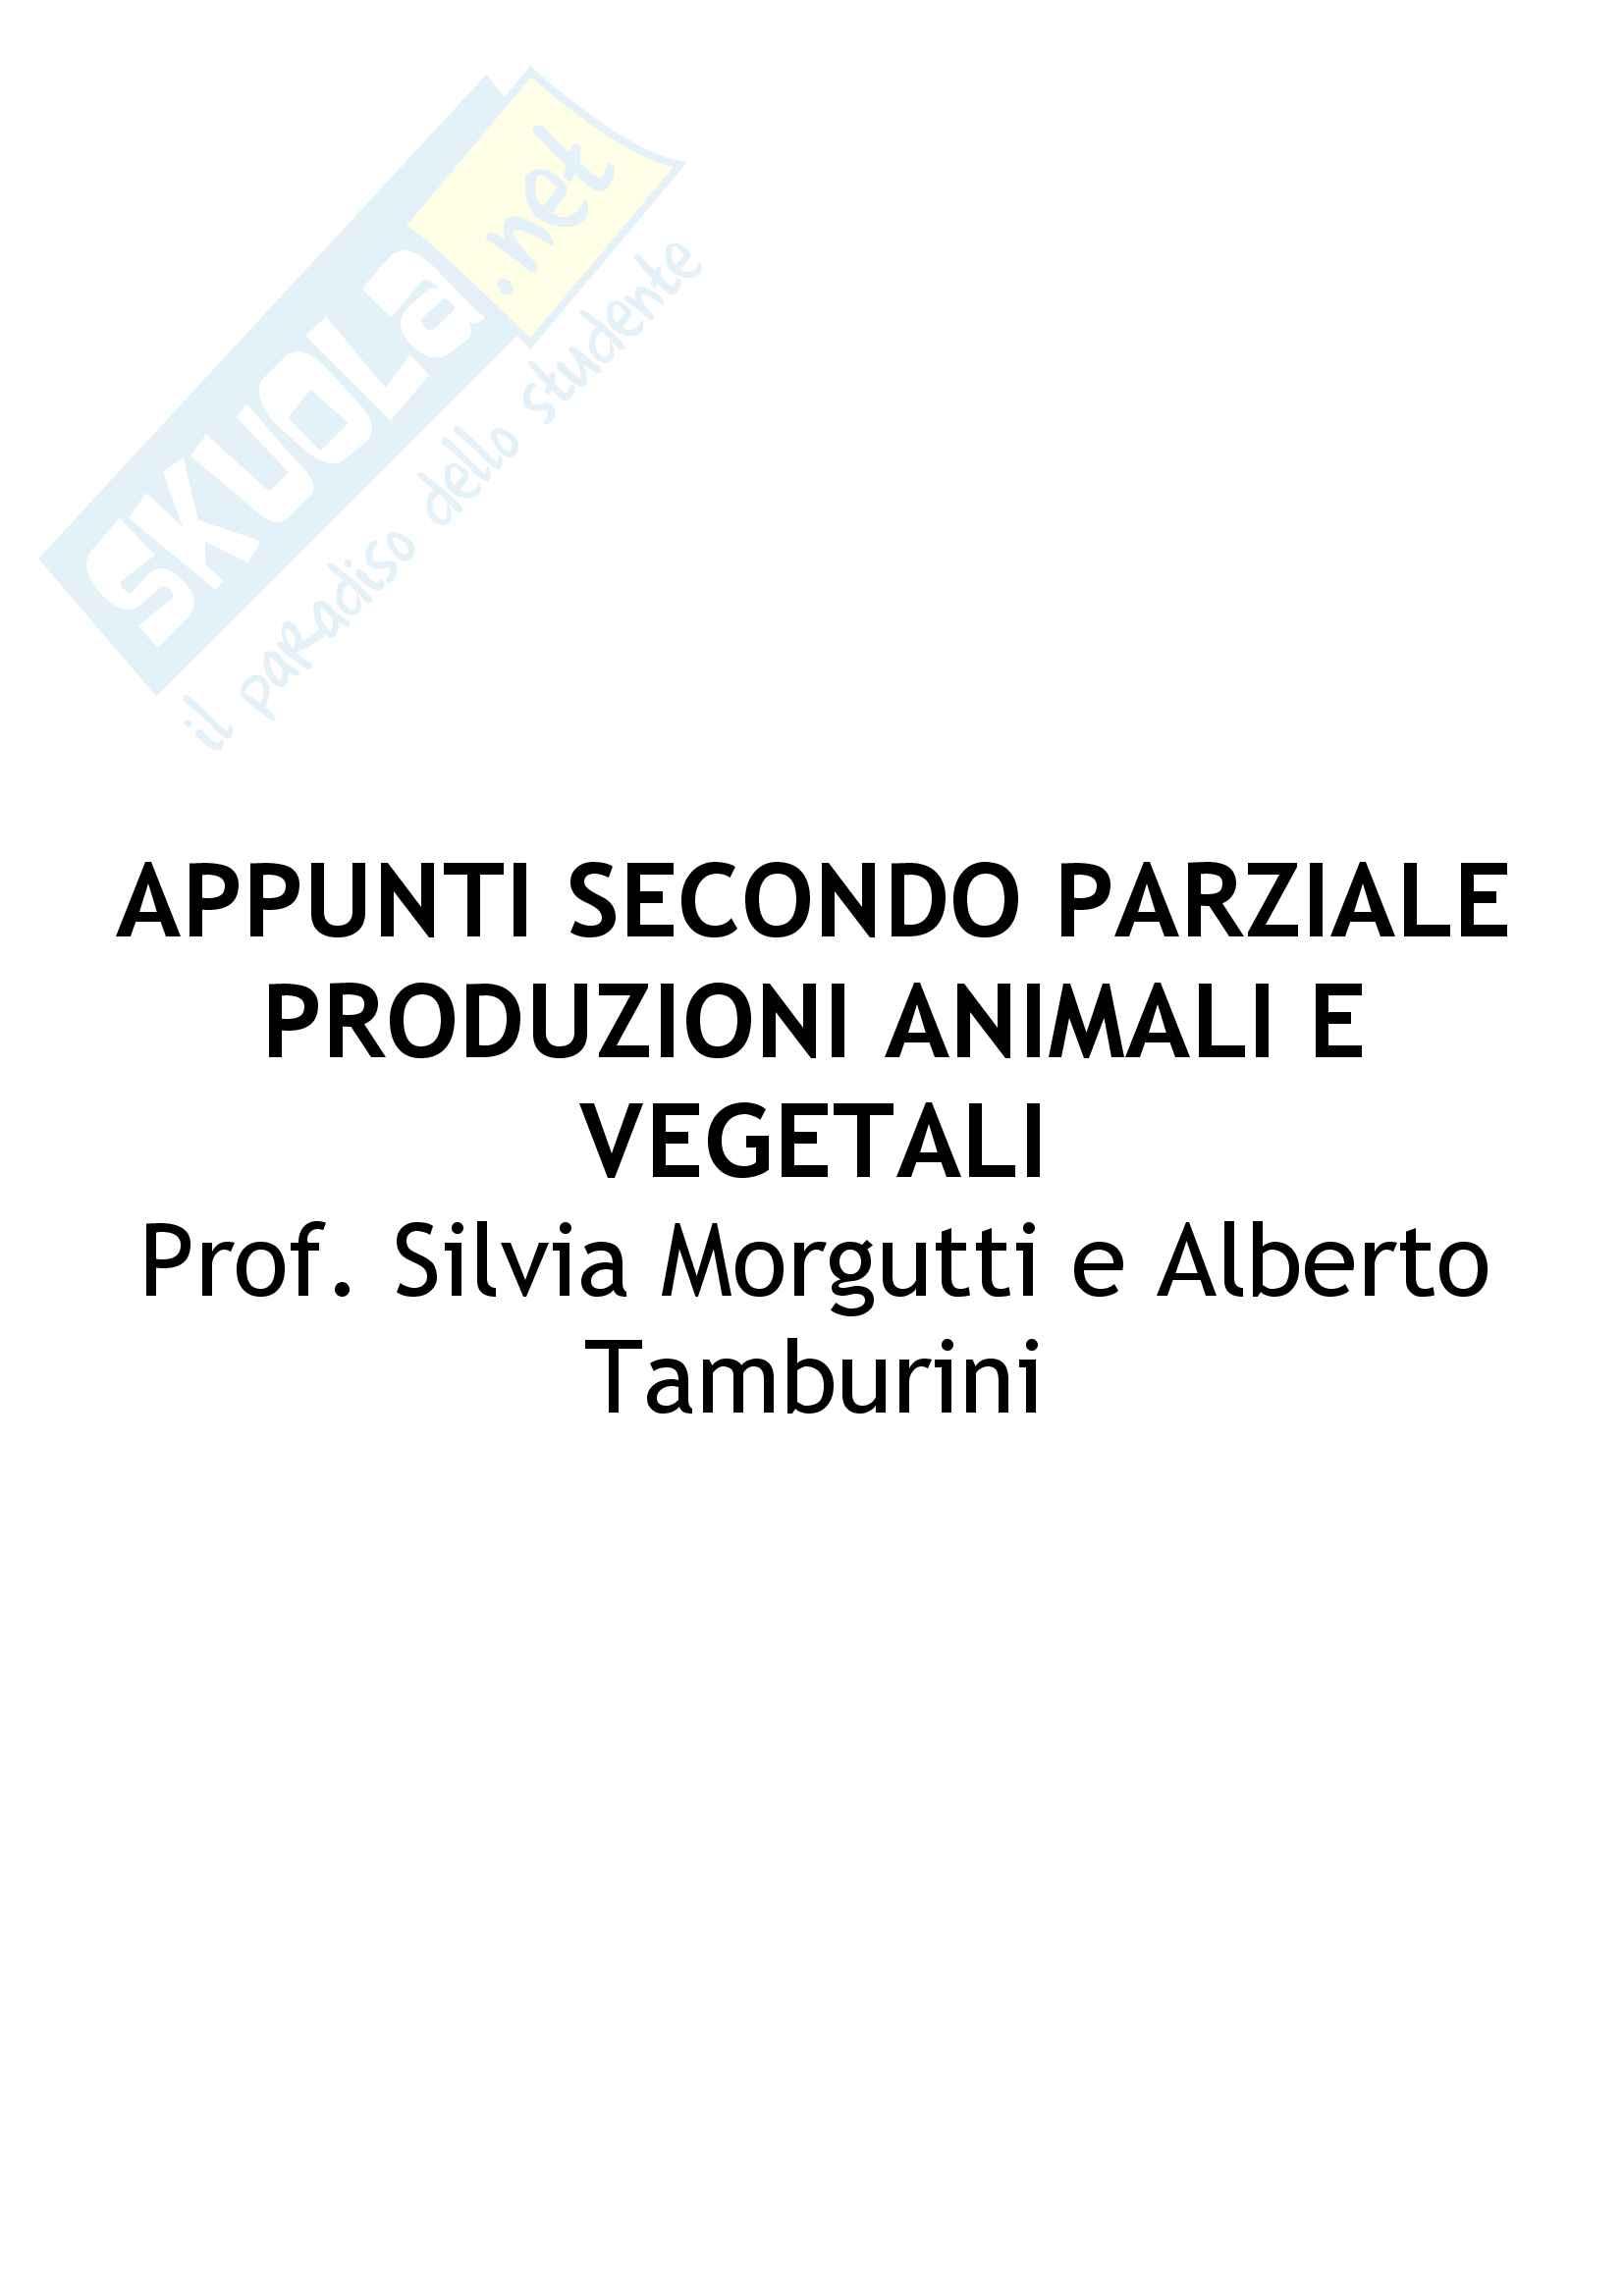 Appunti Secondo parziale: Produzioni animali e vegetali